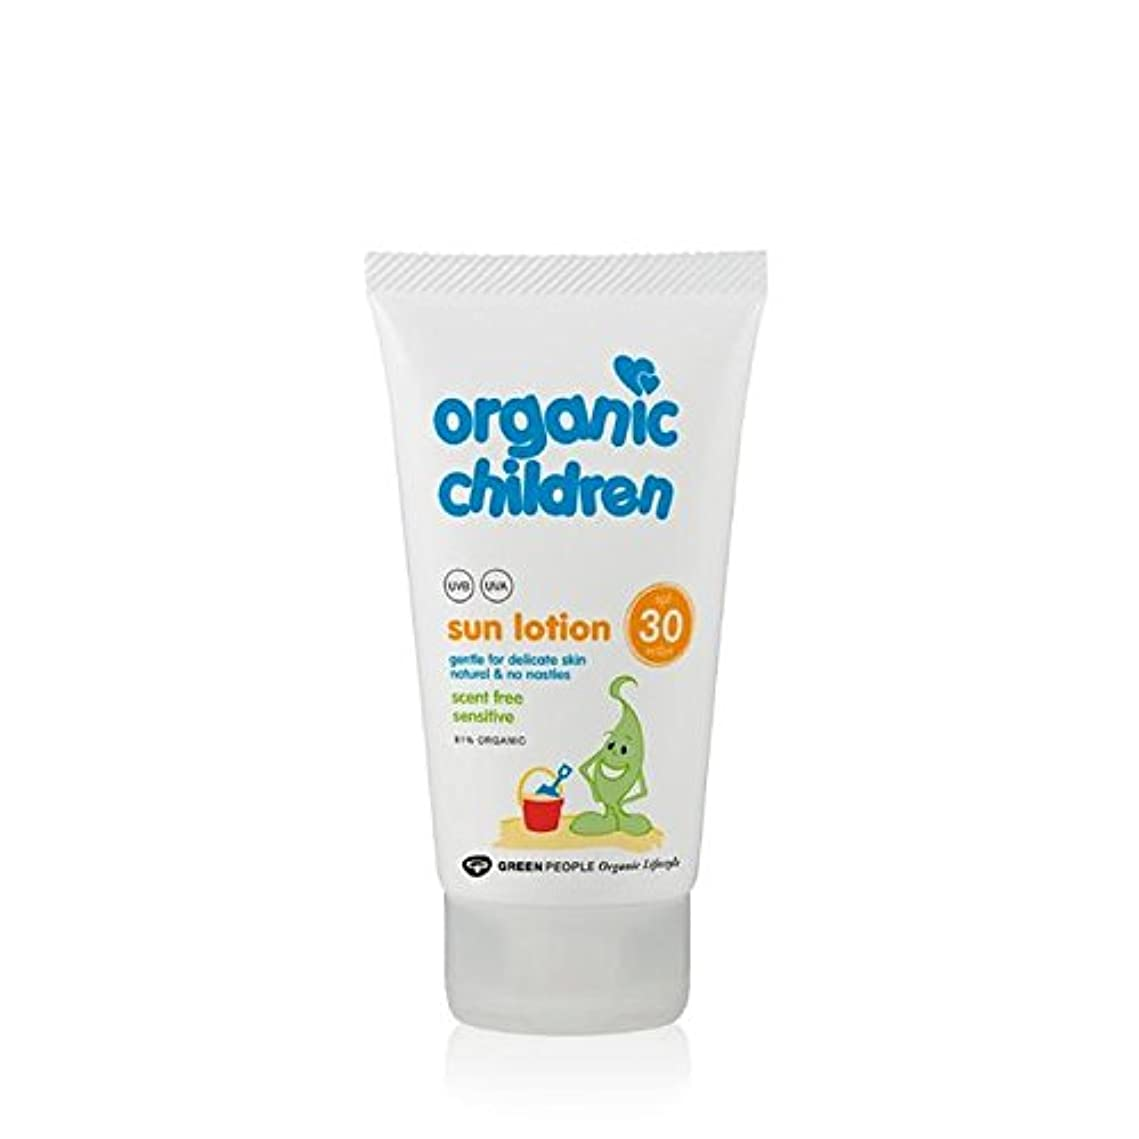 合併曇ったペフ有機子ども30の香り無料のサンローション150 x4 - Organic Children SPF30 Scent Free Sun Lotion 150ml (Pack of 4) [並行輸入品]